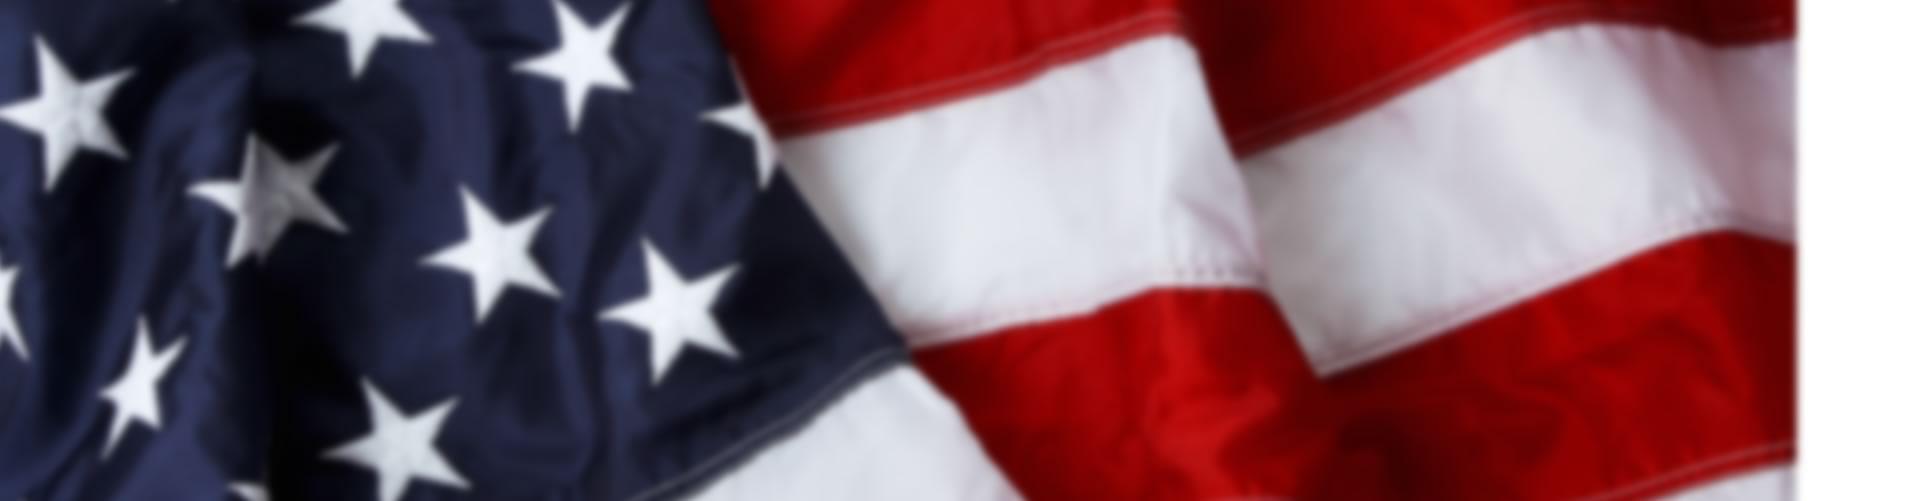 banner-flag-1